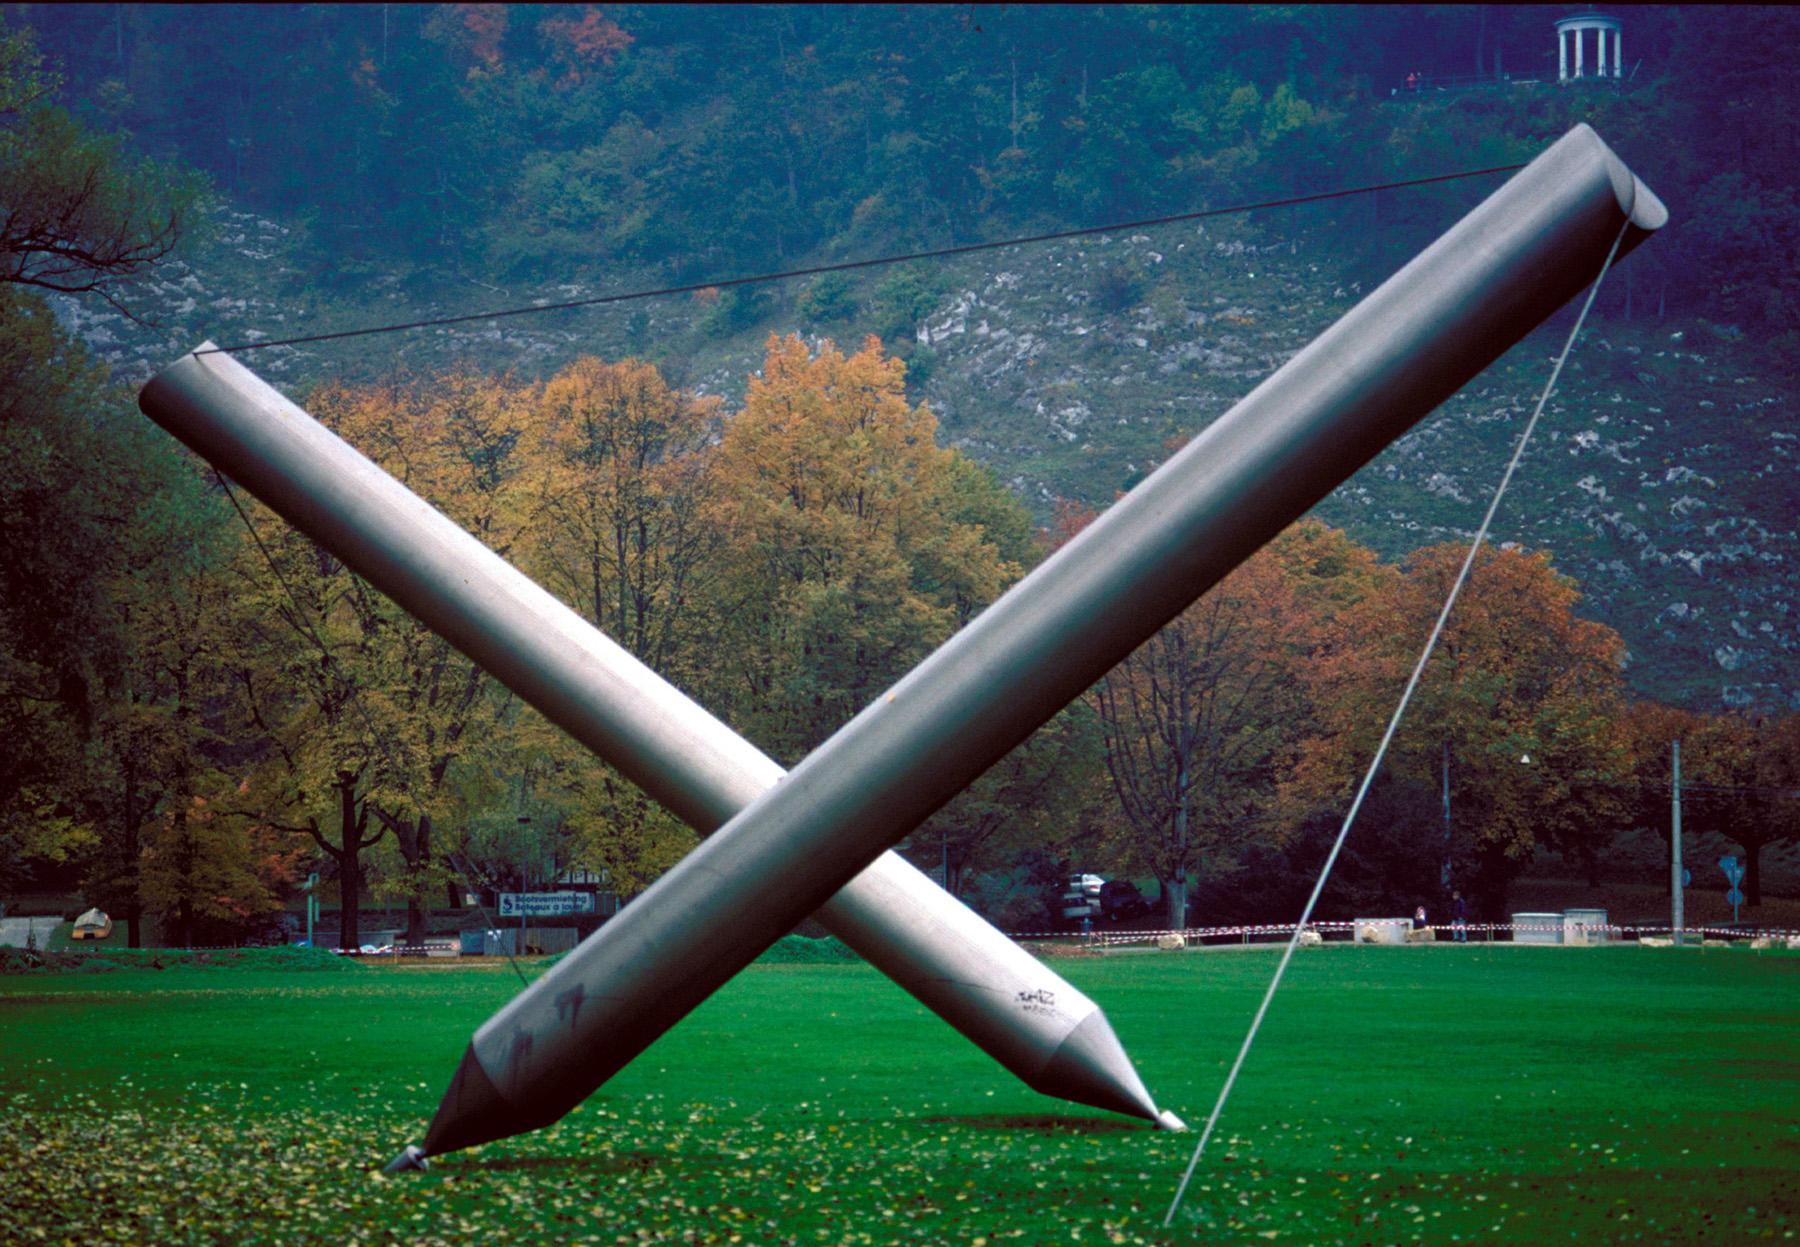 Auf einer Wiese ist eine grosse Skulptur aufgestellt. Dabei handelt es sich um zwei metallene Stifte, die aufgestellt sind, indem sie mit einem Draht gespannt sind. Die Stiftspitzen sind dabei die Berührungspunkte zum Boden.